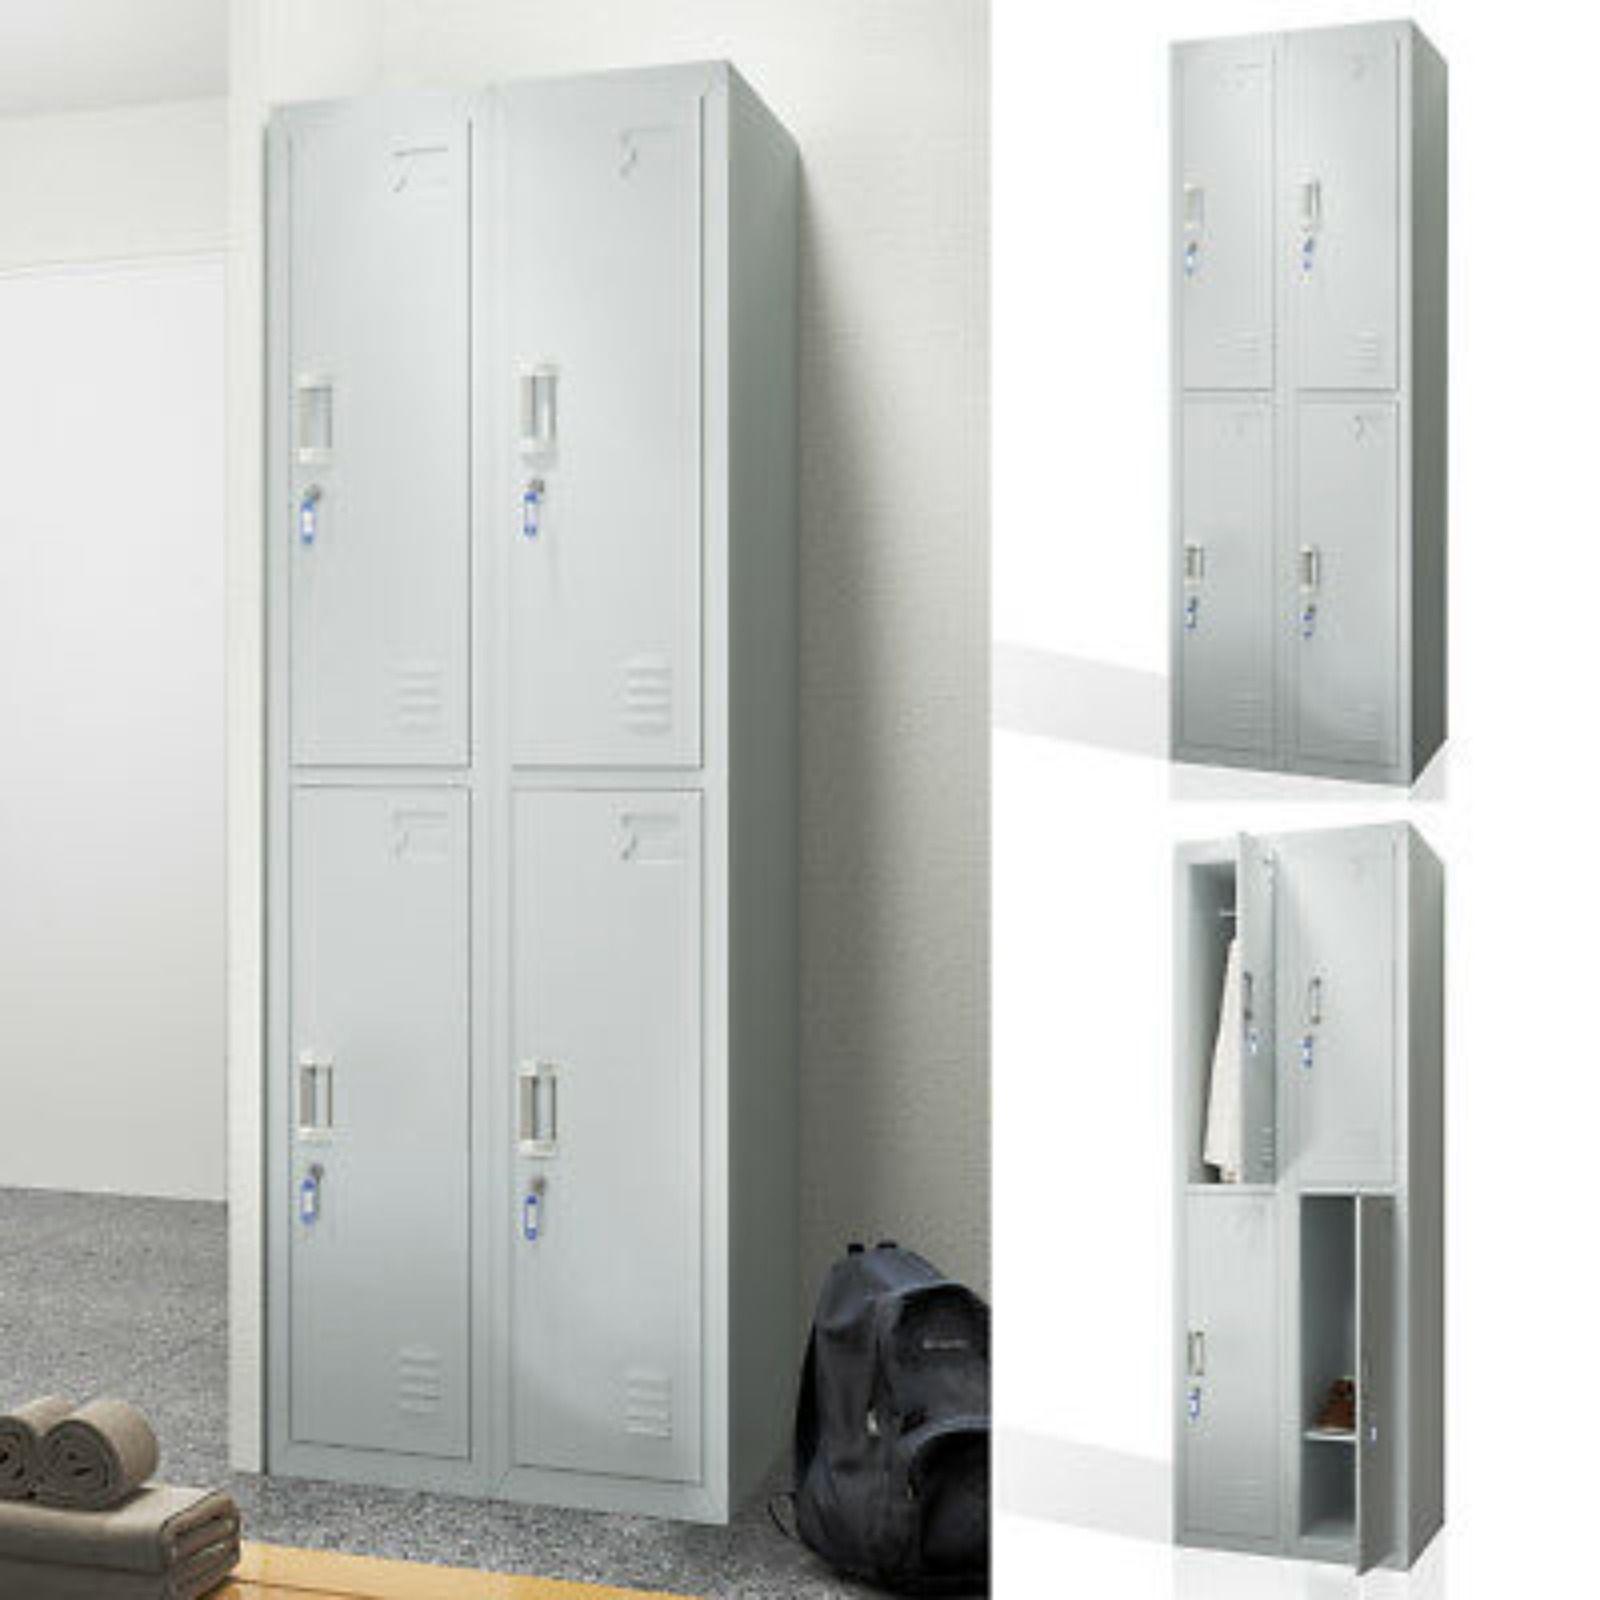 casier vestiaire armoire en acier 4